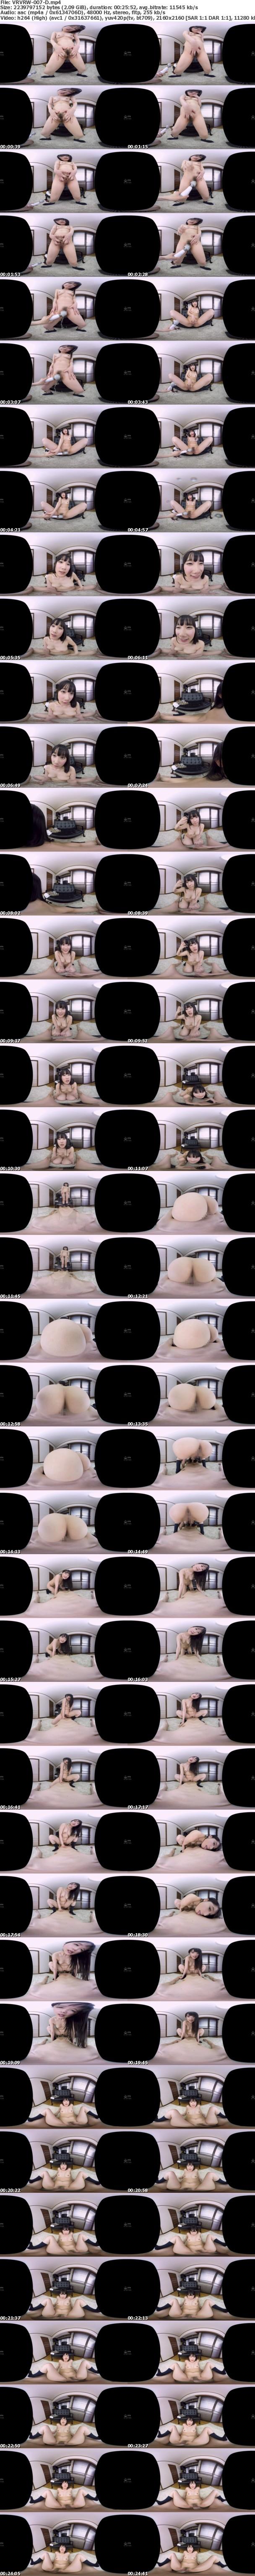 (VR) VRVRW-007 【2作品収録お買い得版】ニーハイ制服姿の妹が見せつける絶対領域にフル勃起!「お兄ちゃんエッチしよ…」コッソリ囁かれ超危険!1m以内にいる母に隠れてイチャイチャベロキス/ニーハイ脚コキ/濃厚フェラ!禁断の近親相姦生中出しSEX!… 宮崎あや